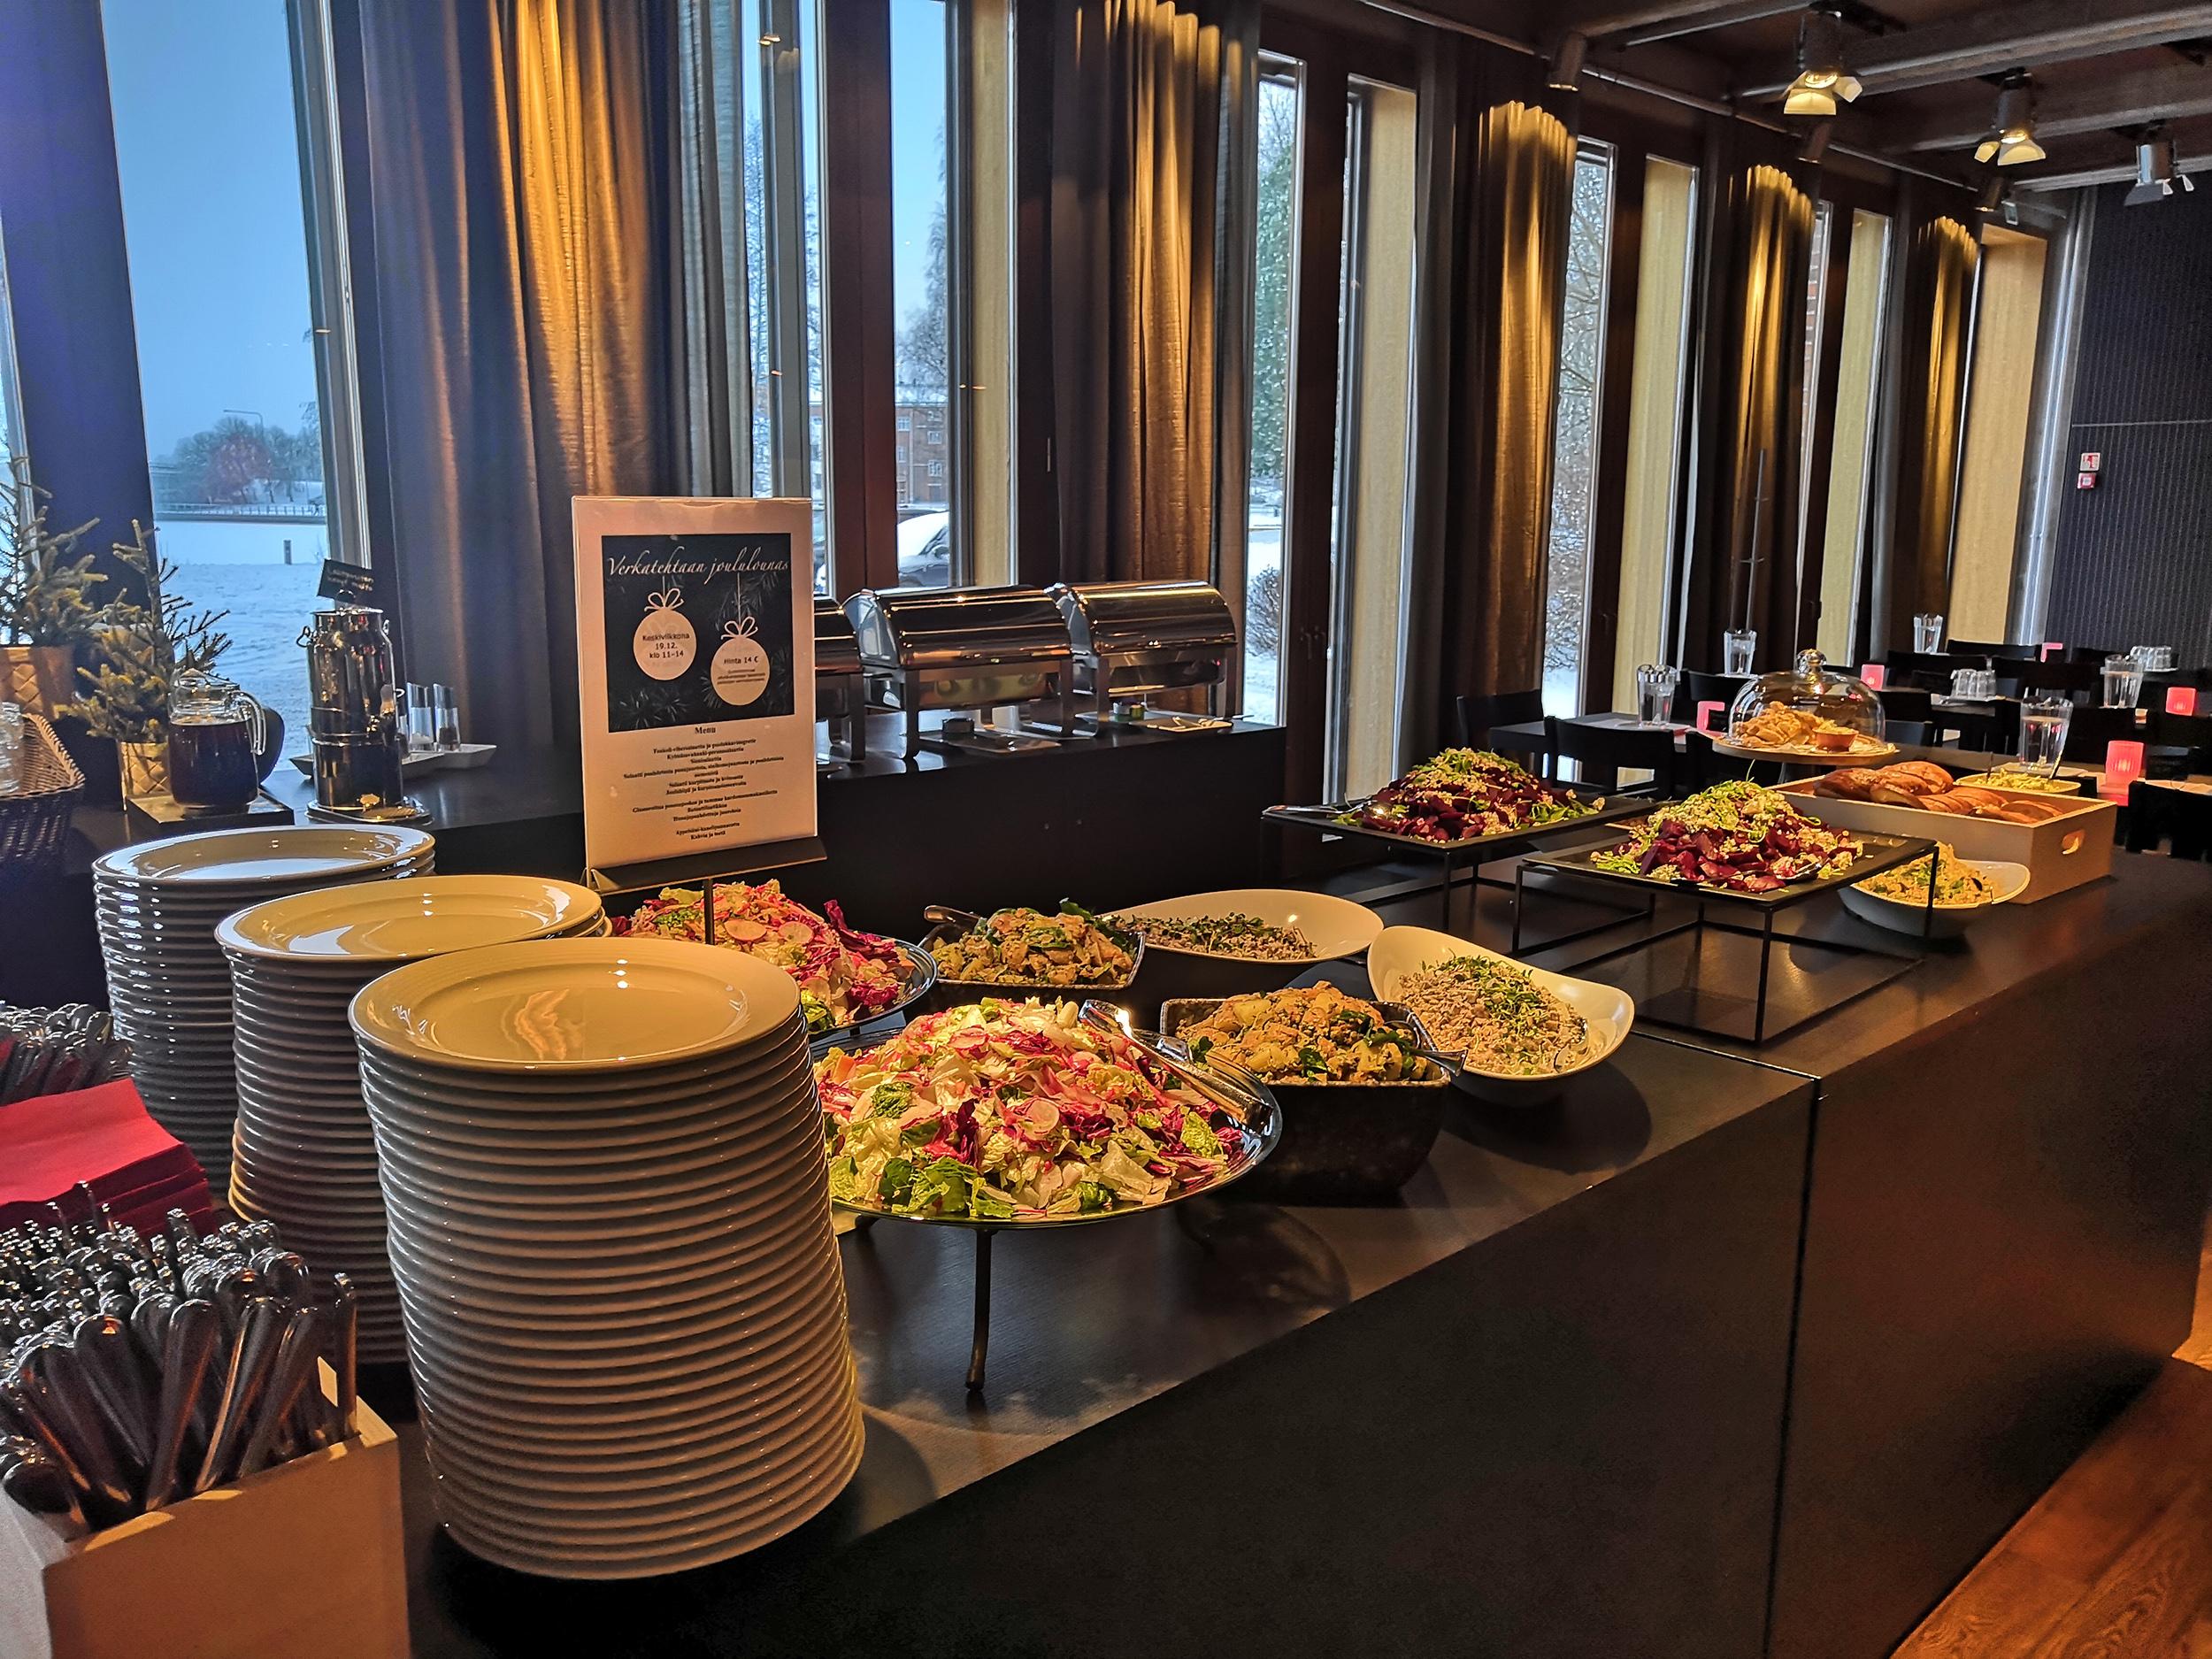 Tarjoilupöytä, Verkatehtaan ravintola